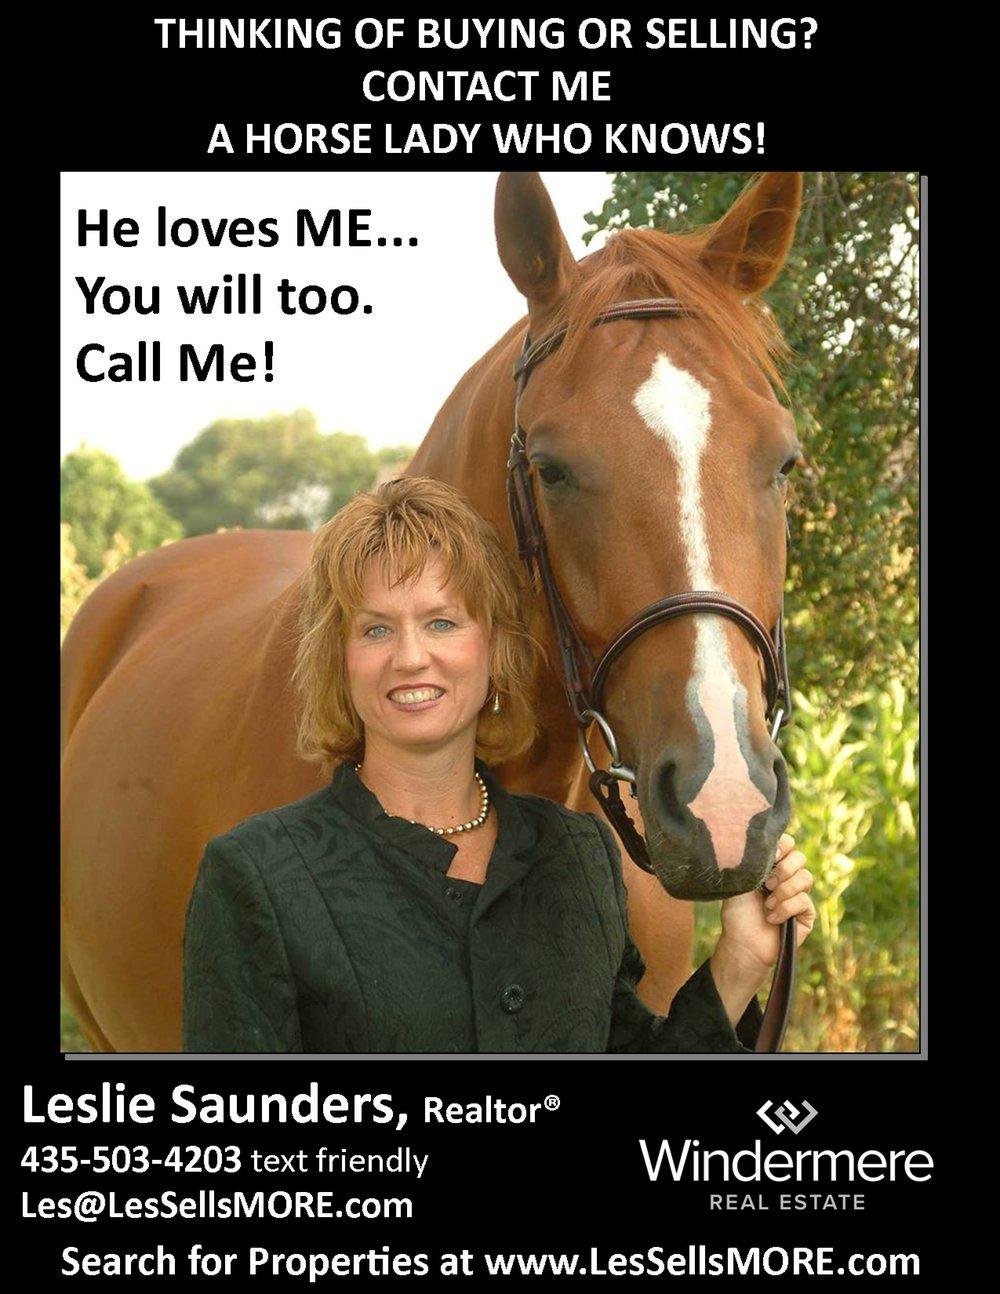 Leslie Saunders